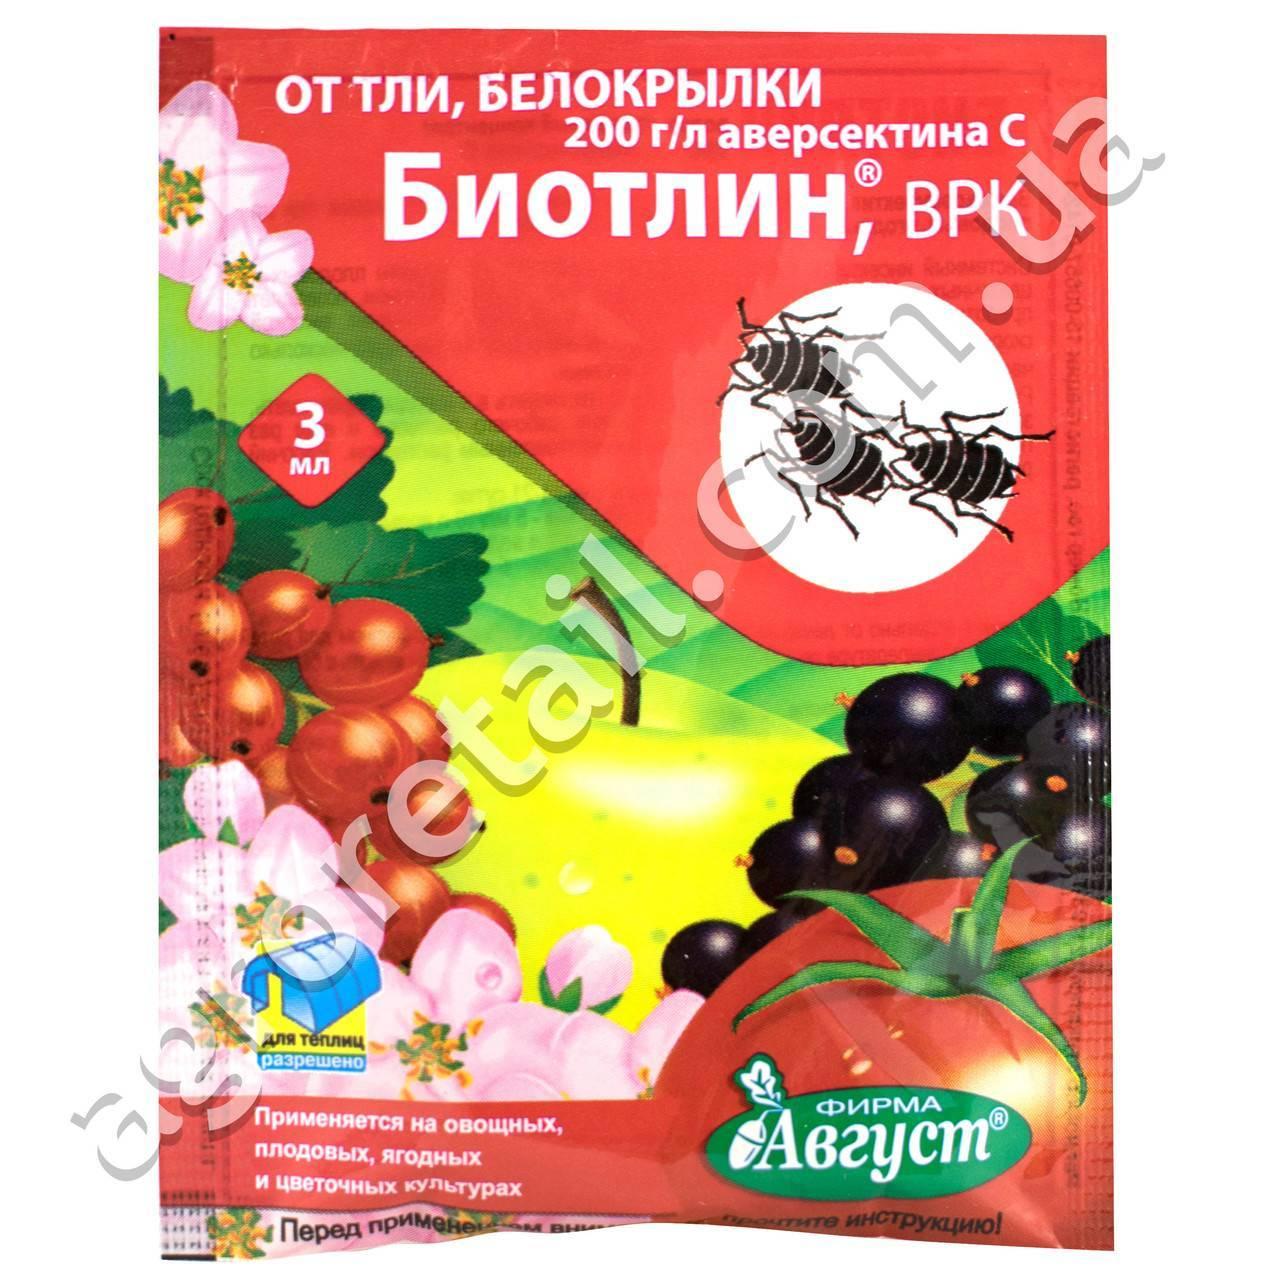 Как применять инсектицид конфидор от вредителей